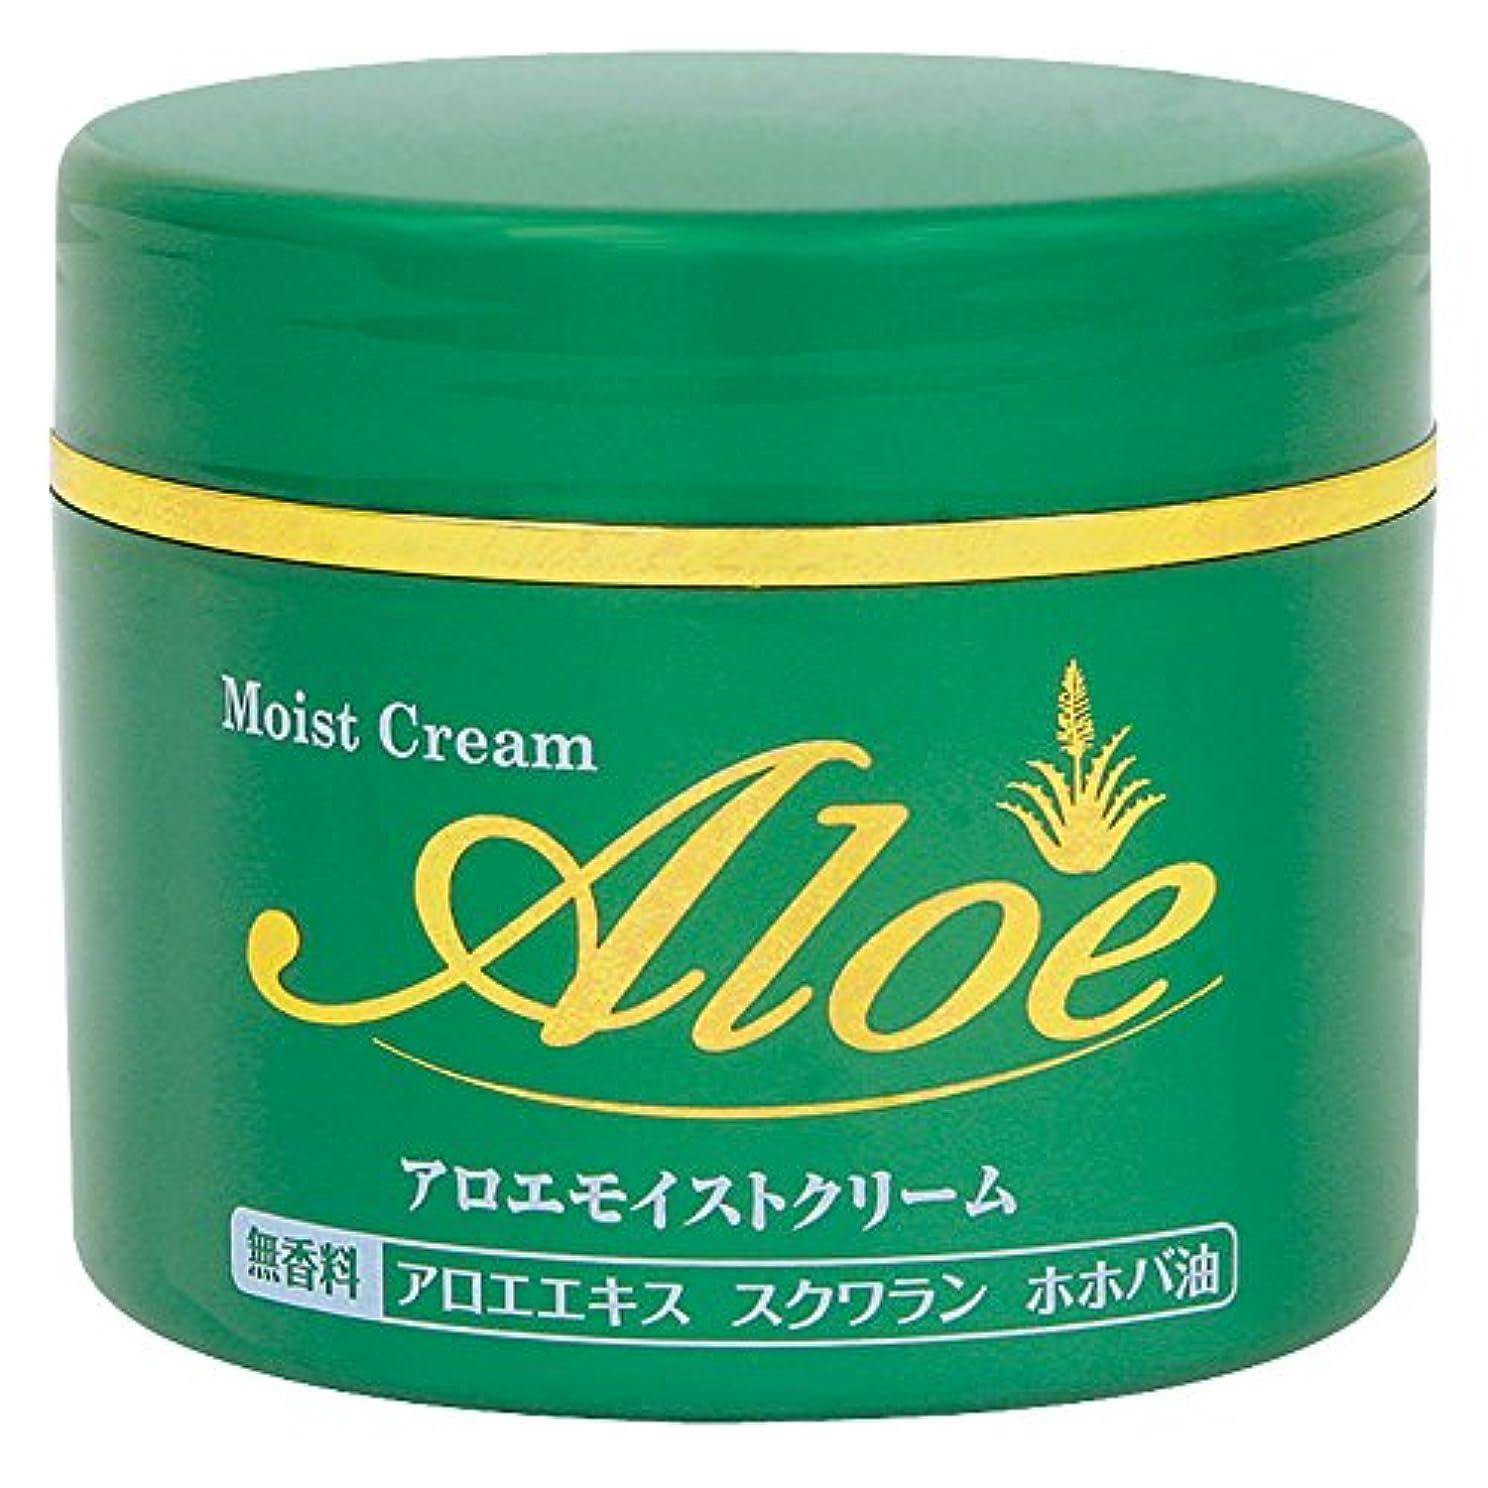 無力支援電極井藤漢方製薬 アロエモイストクリーム 160g (アロエクリーム 化粧品)